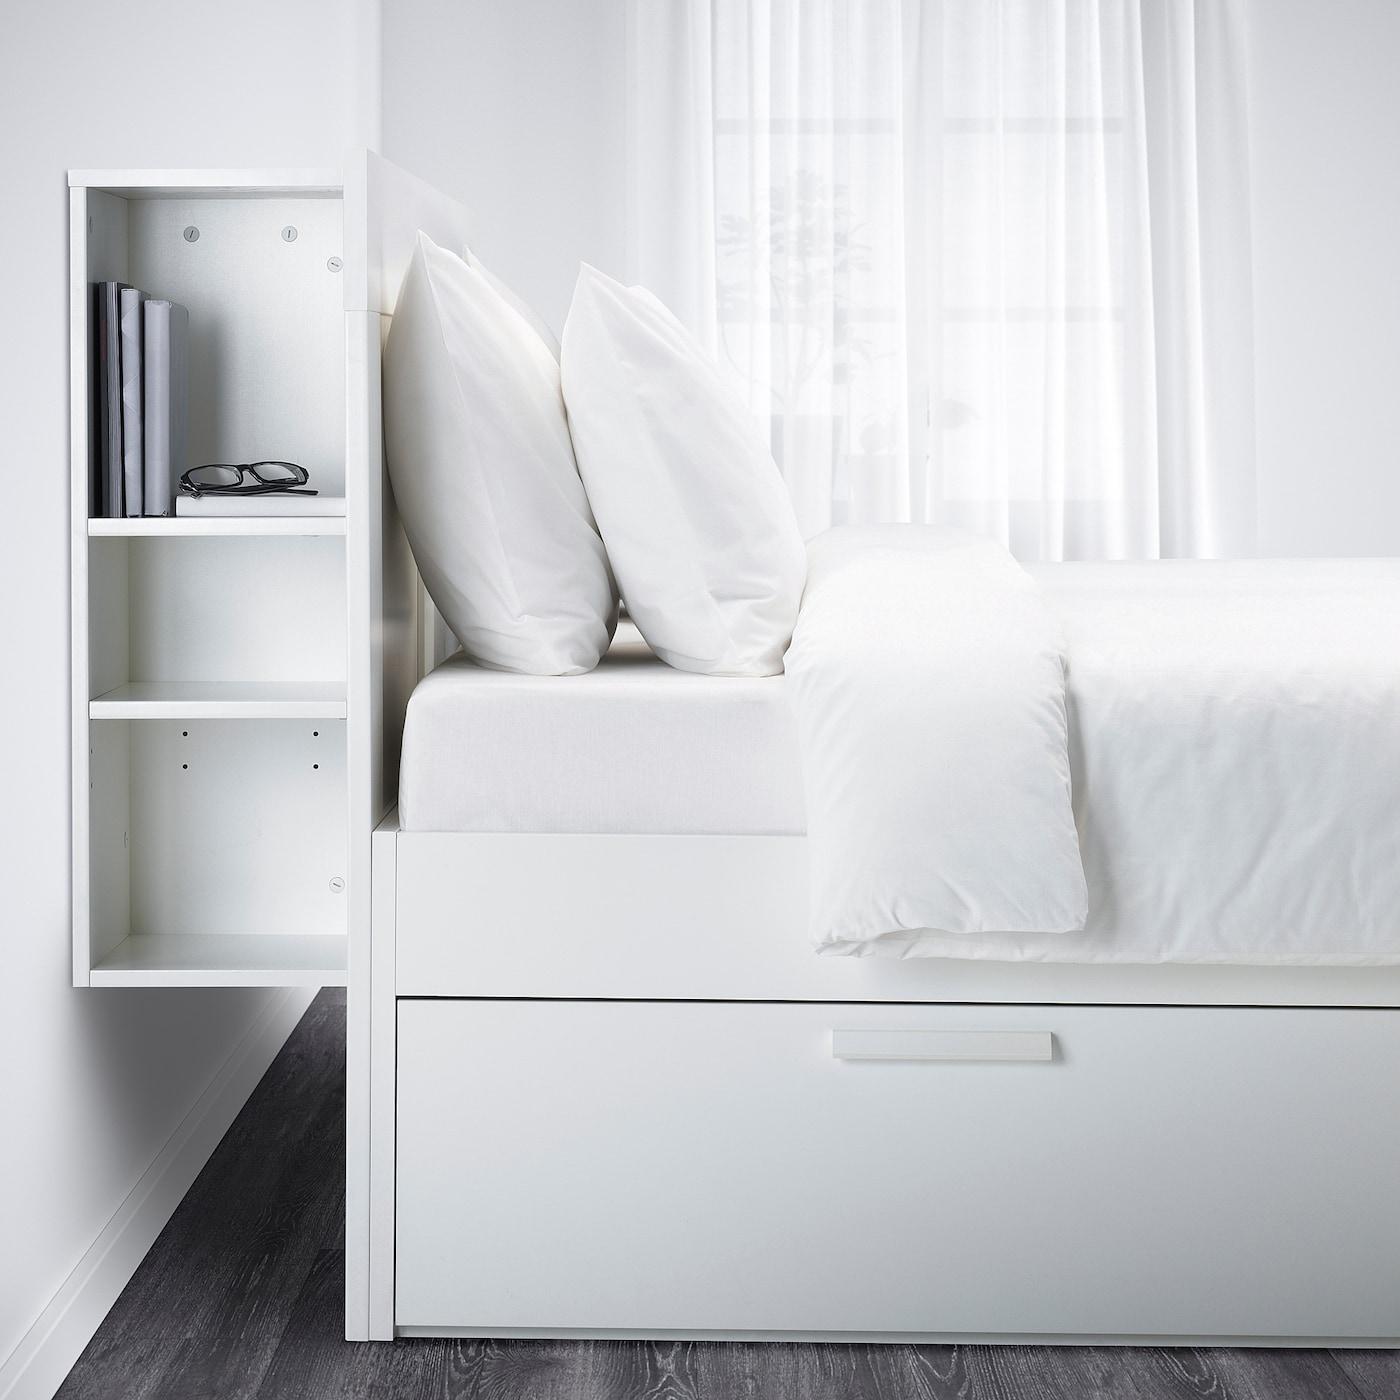 Full Size of Ikea Bett 140x200 Grau Hemnes 120x200 Weiß Platzsparend 90x200 Mit Lattenrost Beleuchtung Pinolino Kaufen Günstig Team 7 Betten Rutsche Kopfteil Selber Wohnzimmer Ikea Bett 140x200 Grau